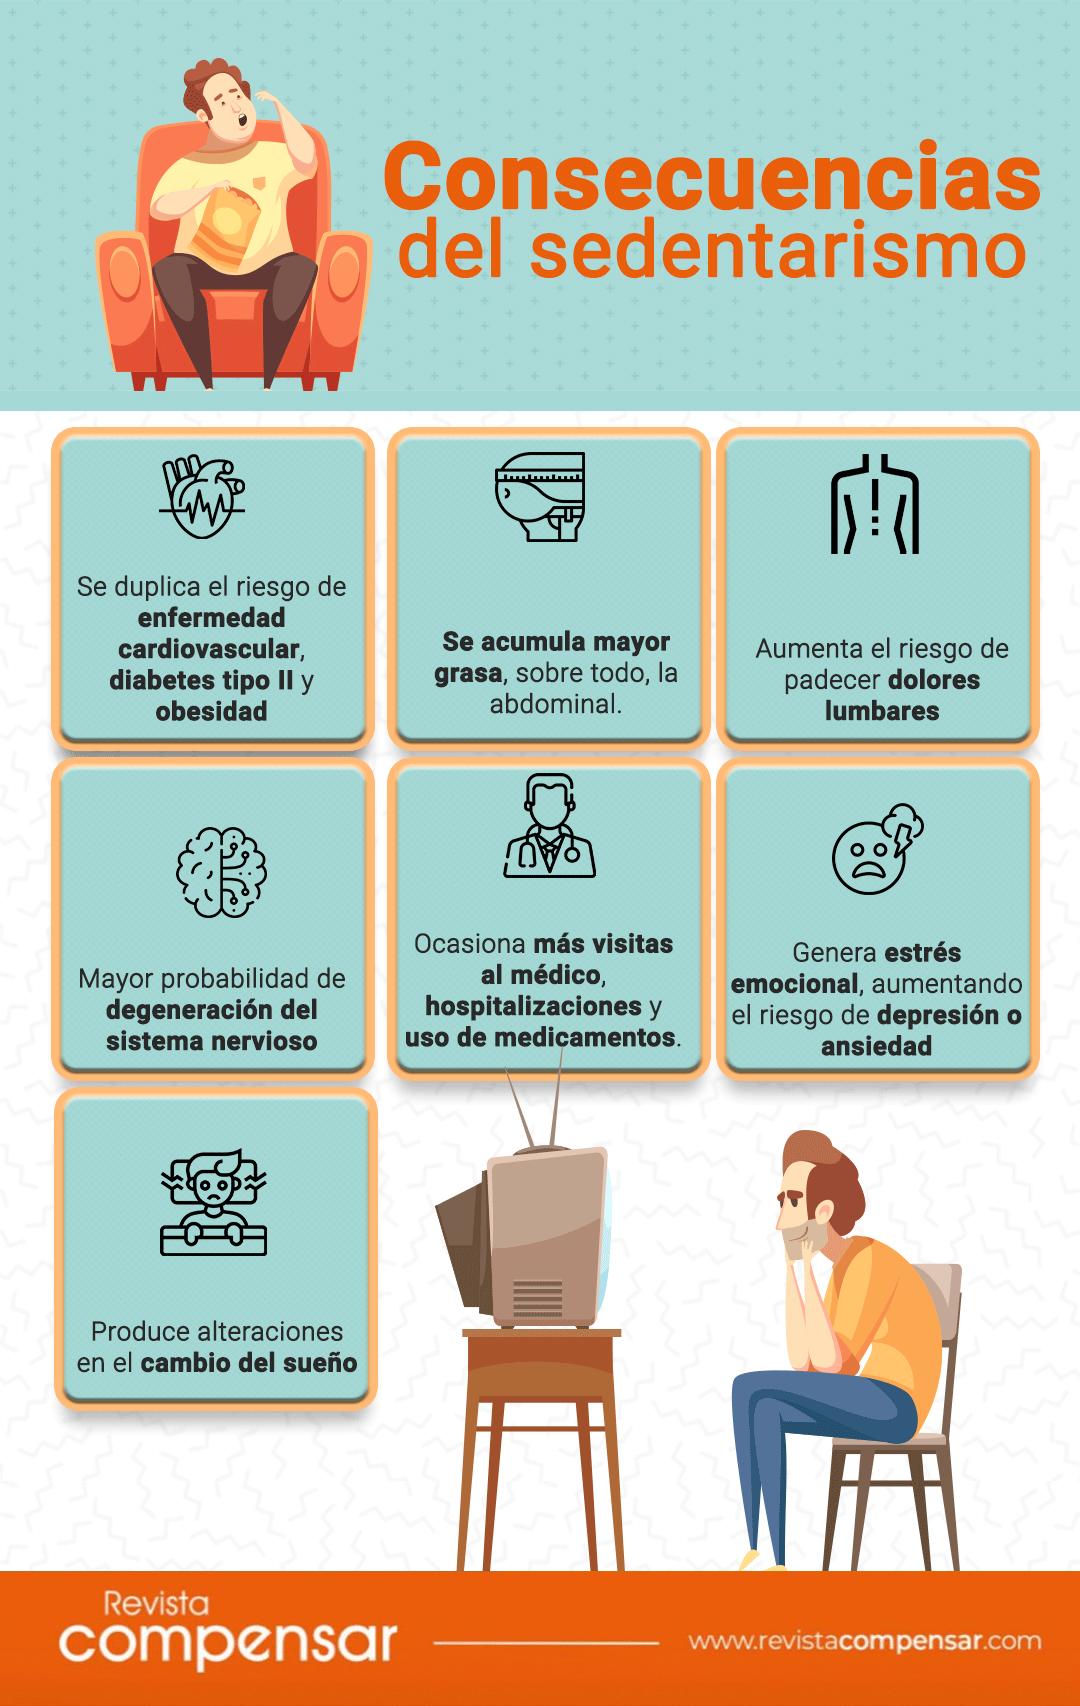 Consecuencias del sedentarismo